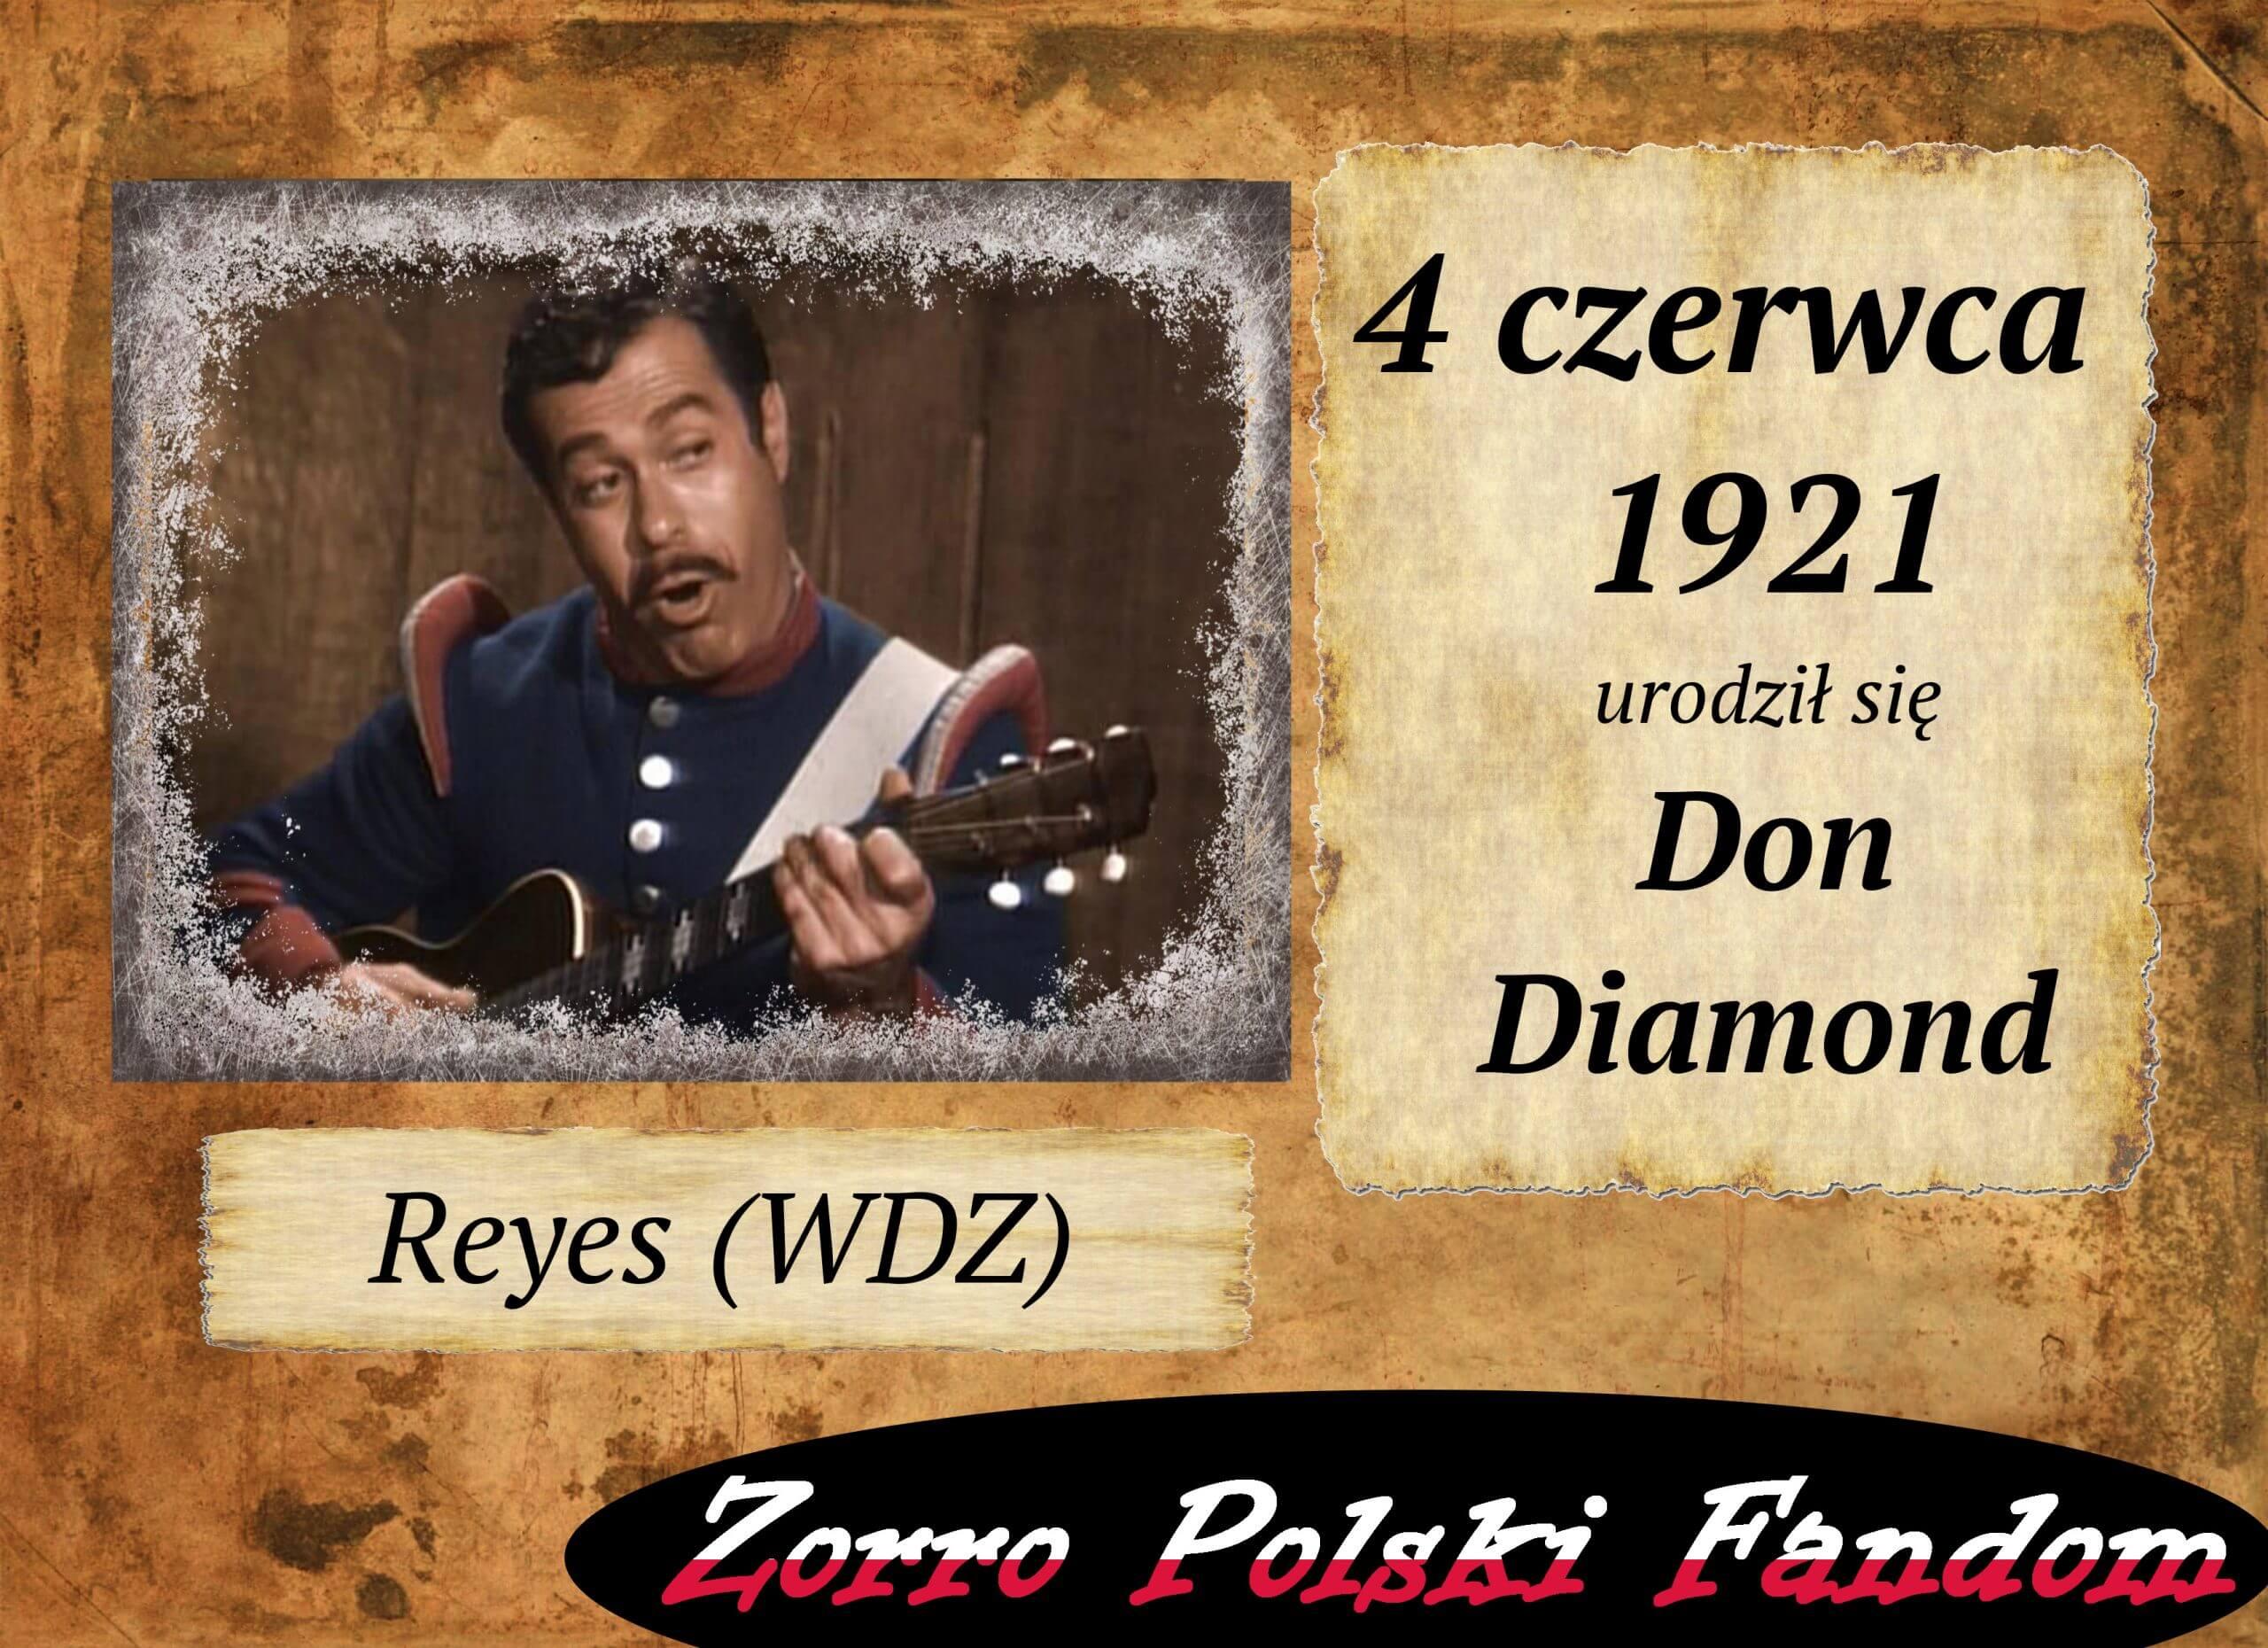 4 czerwca ur. Don Diamond PL Reyes Zorro